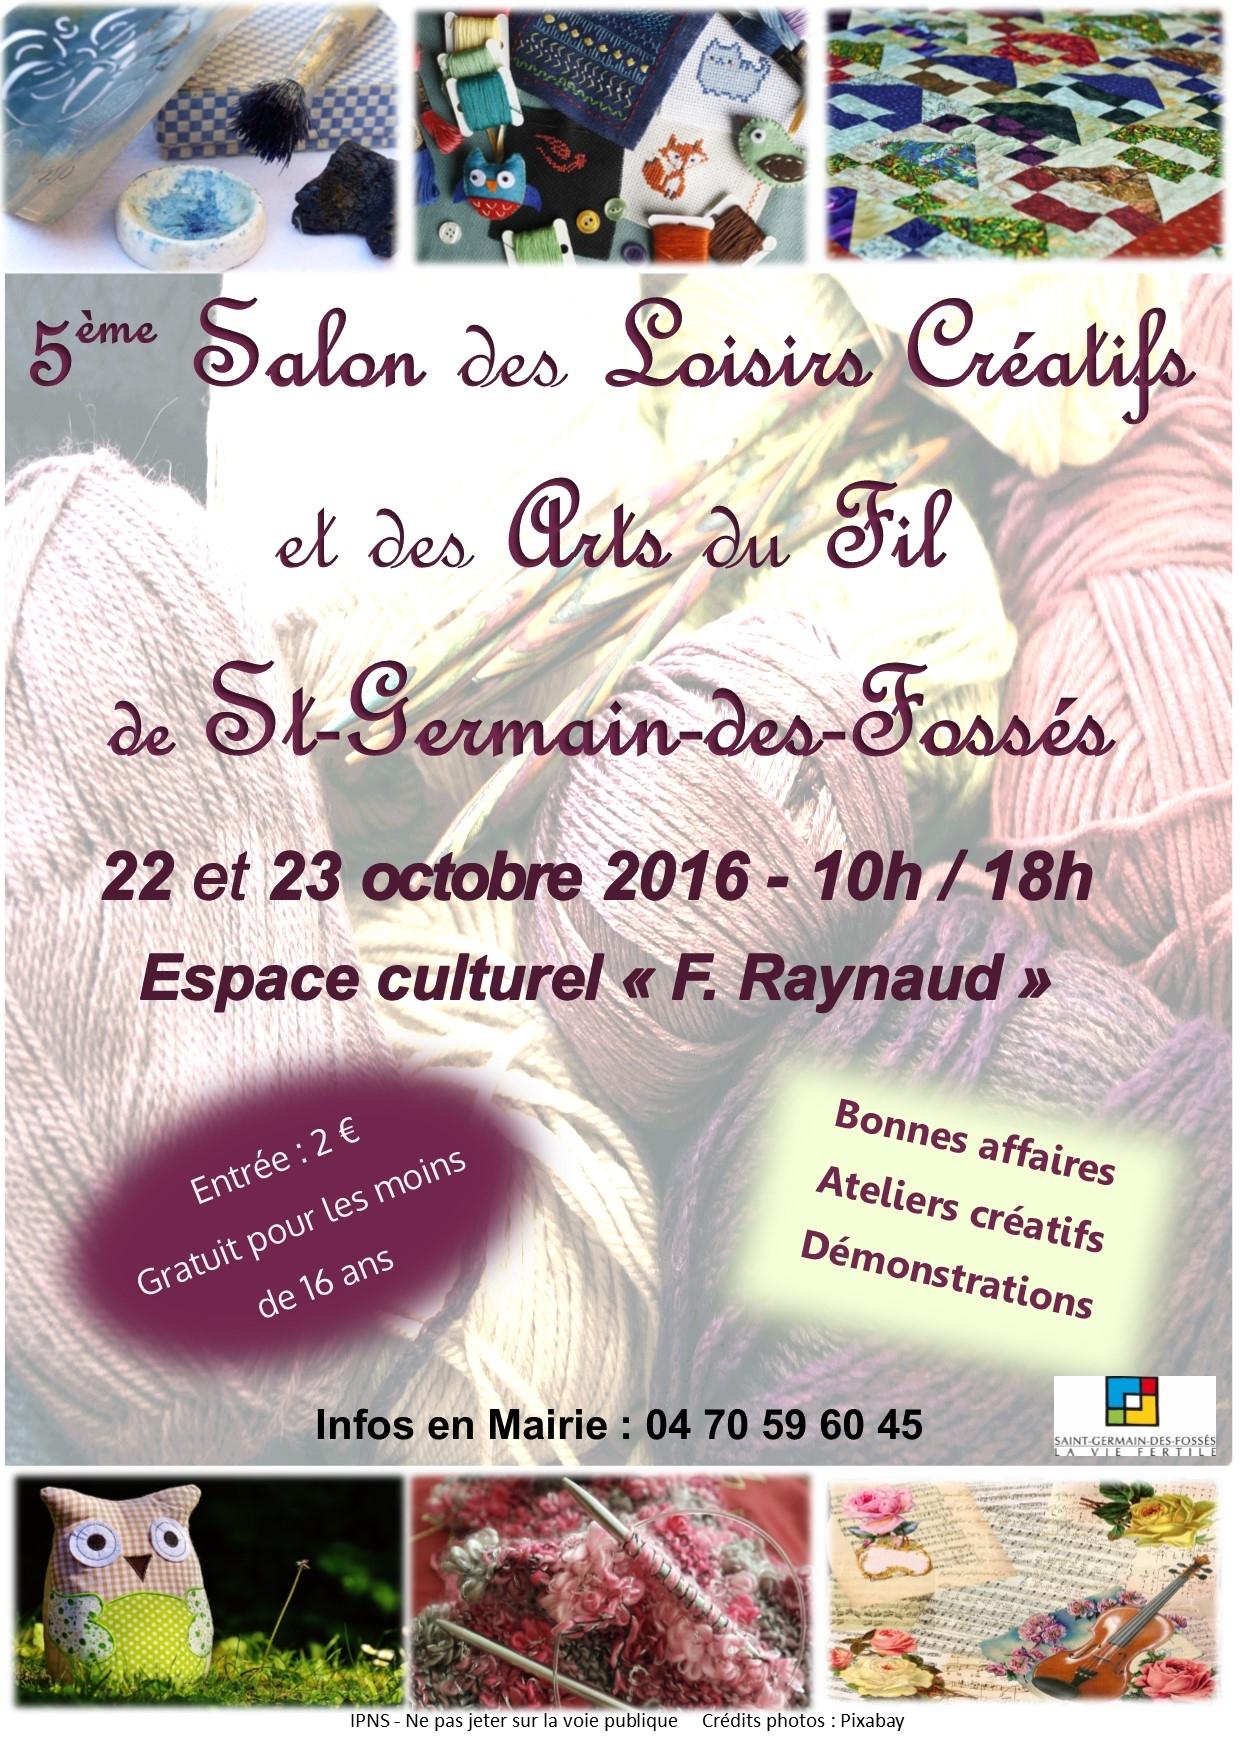 5ème Salon des Loisirs Créatifs